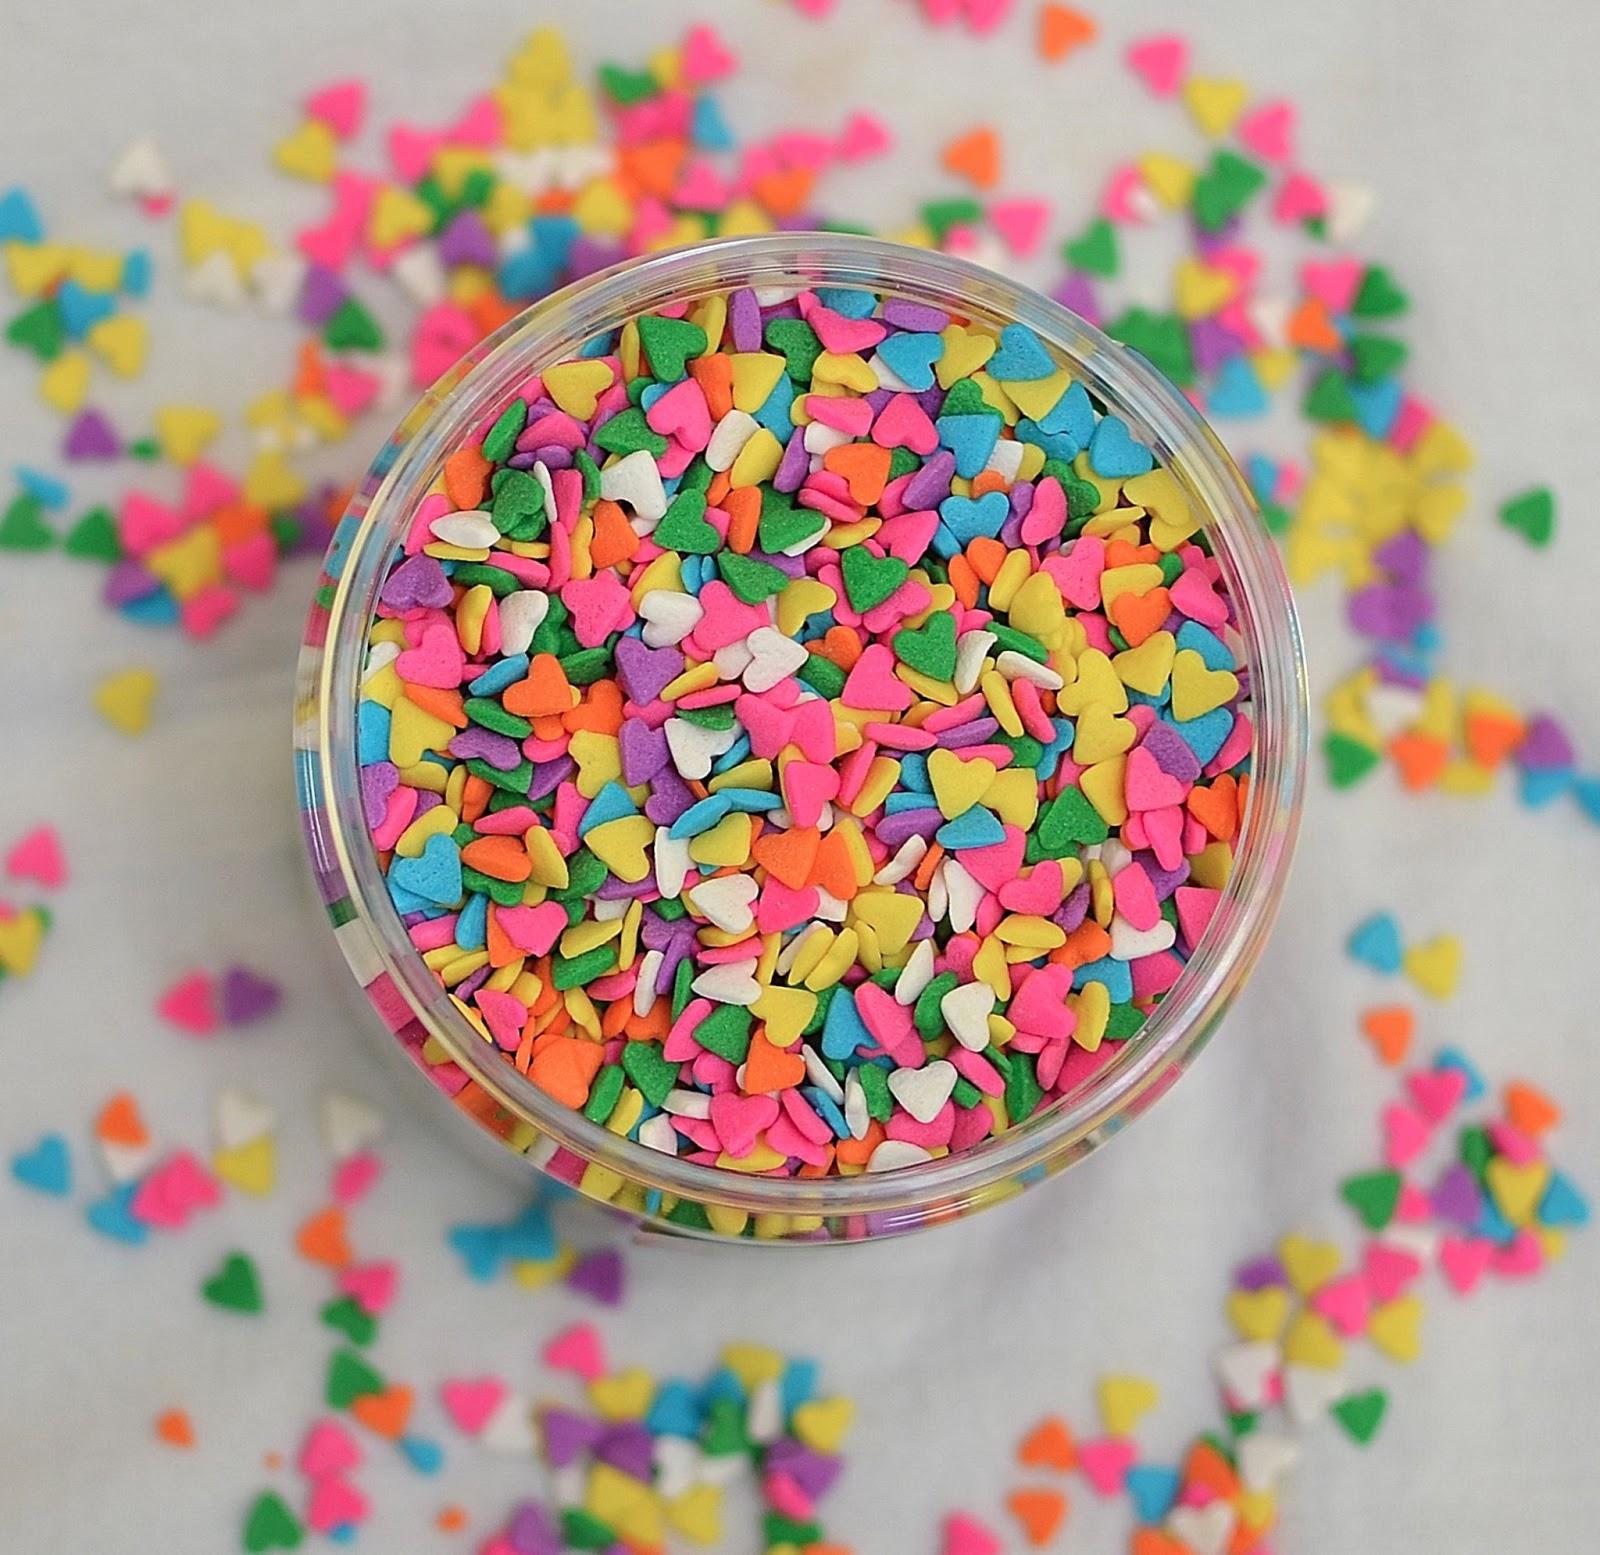 types of sprinkles